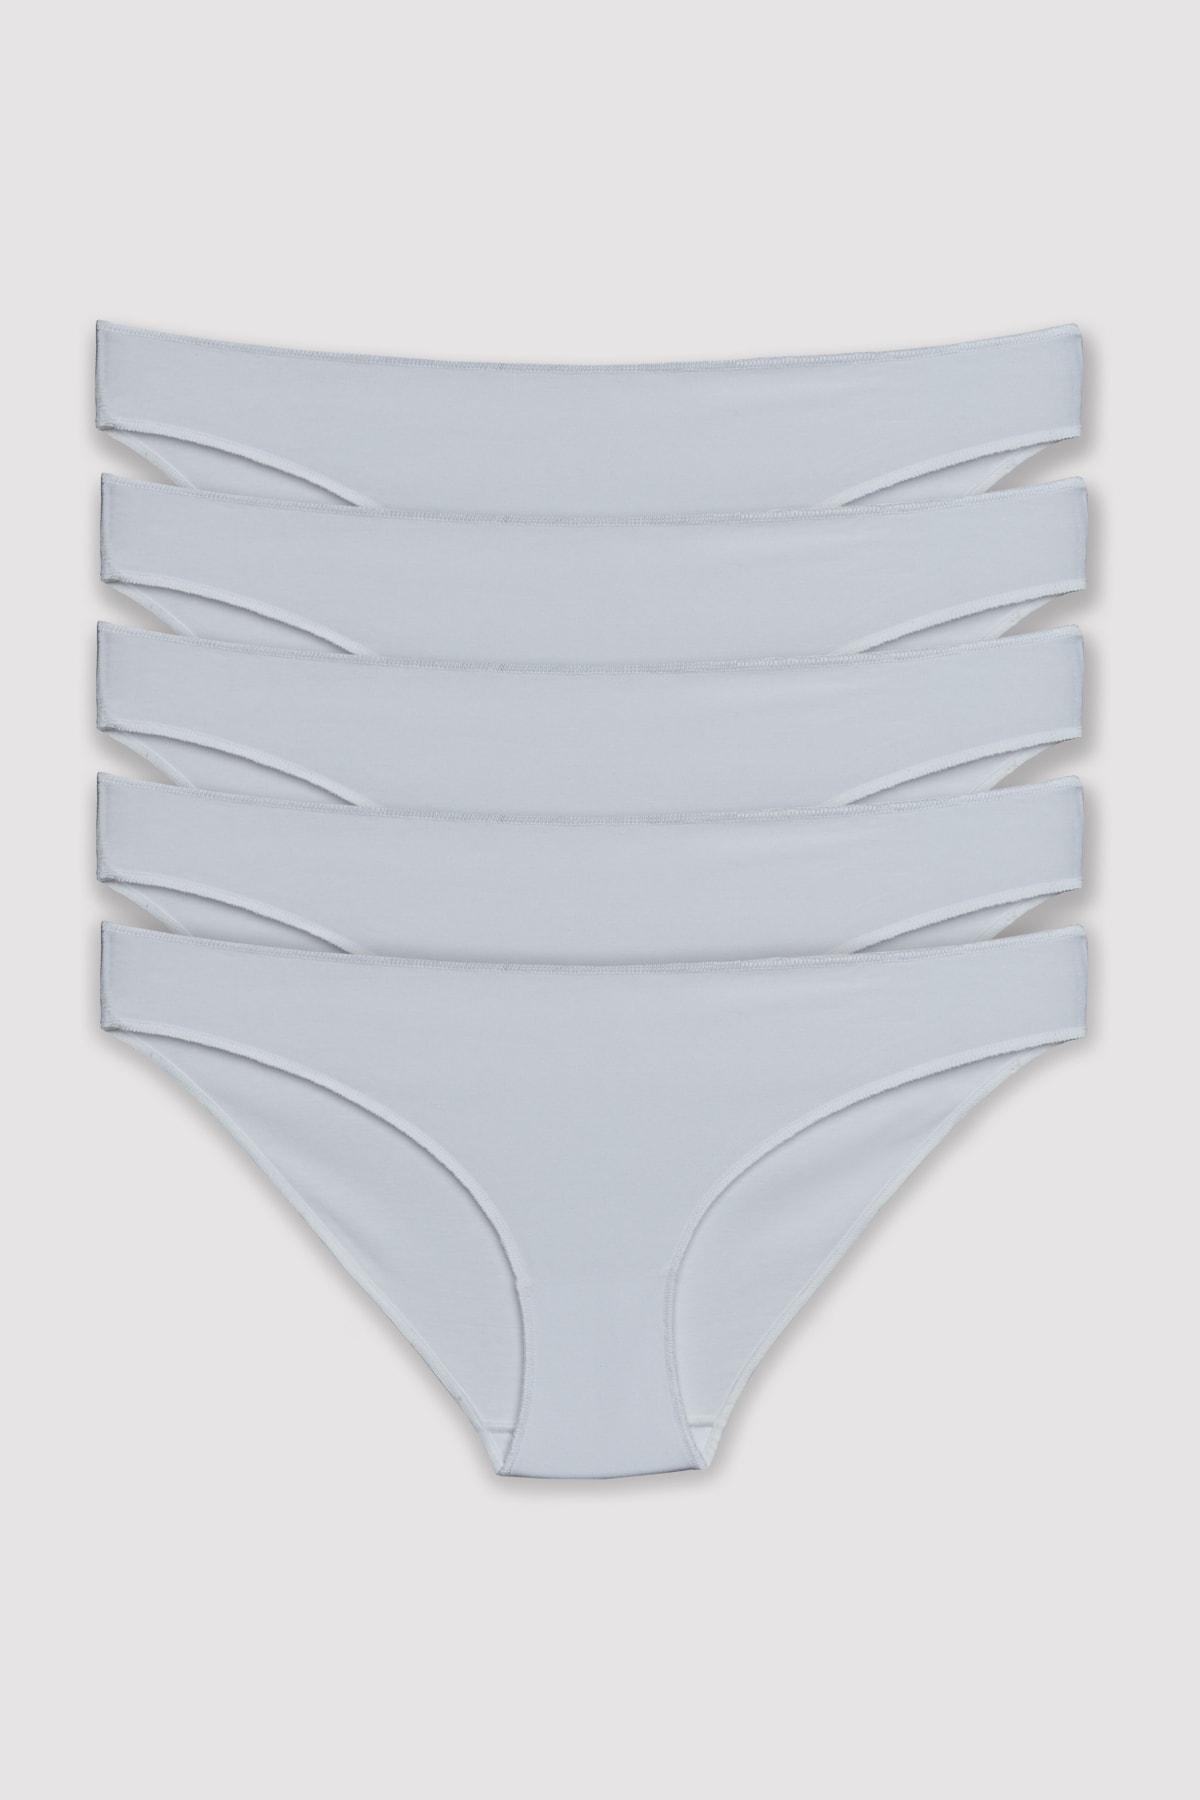 Pierre Cardin Kadın Beyaz 5'li Bikini Külot 1.2.2050